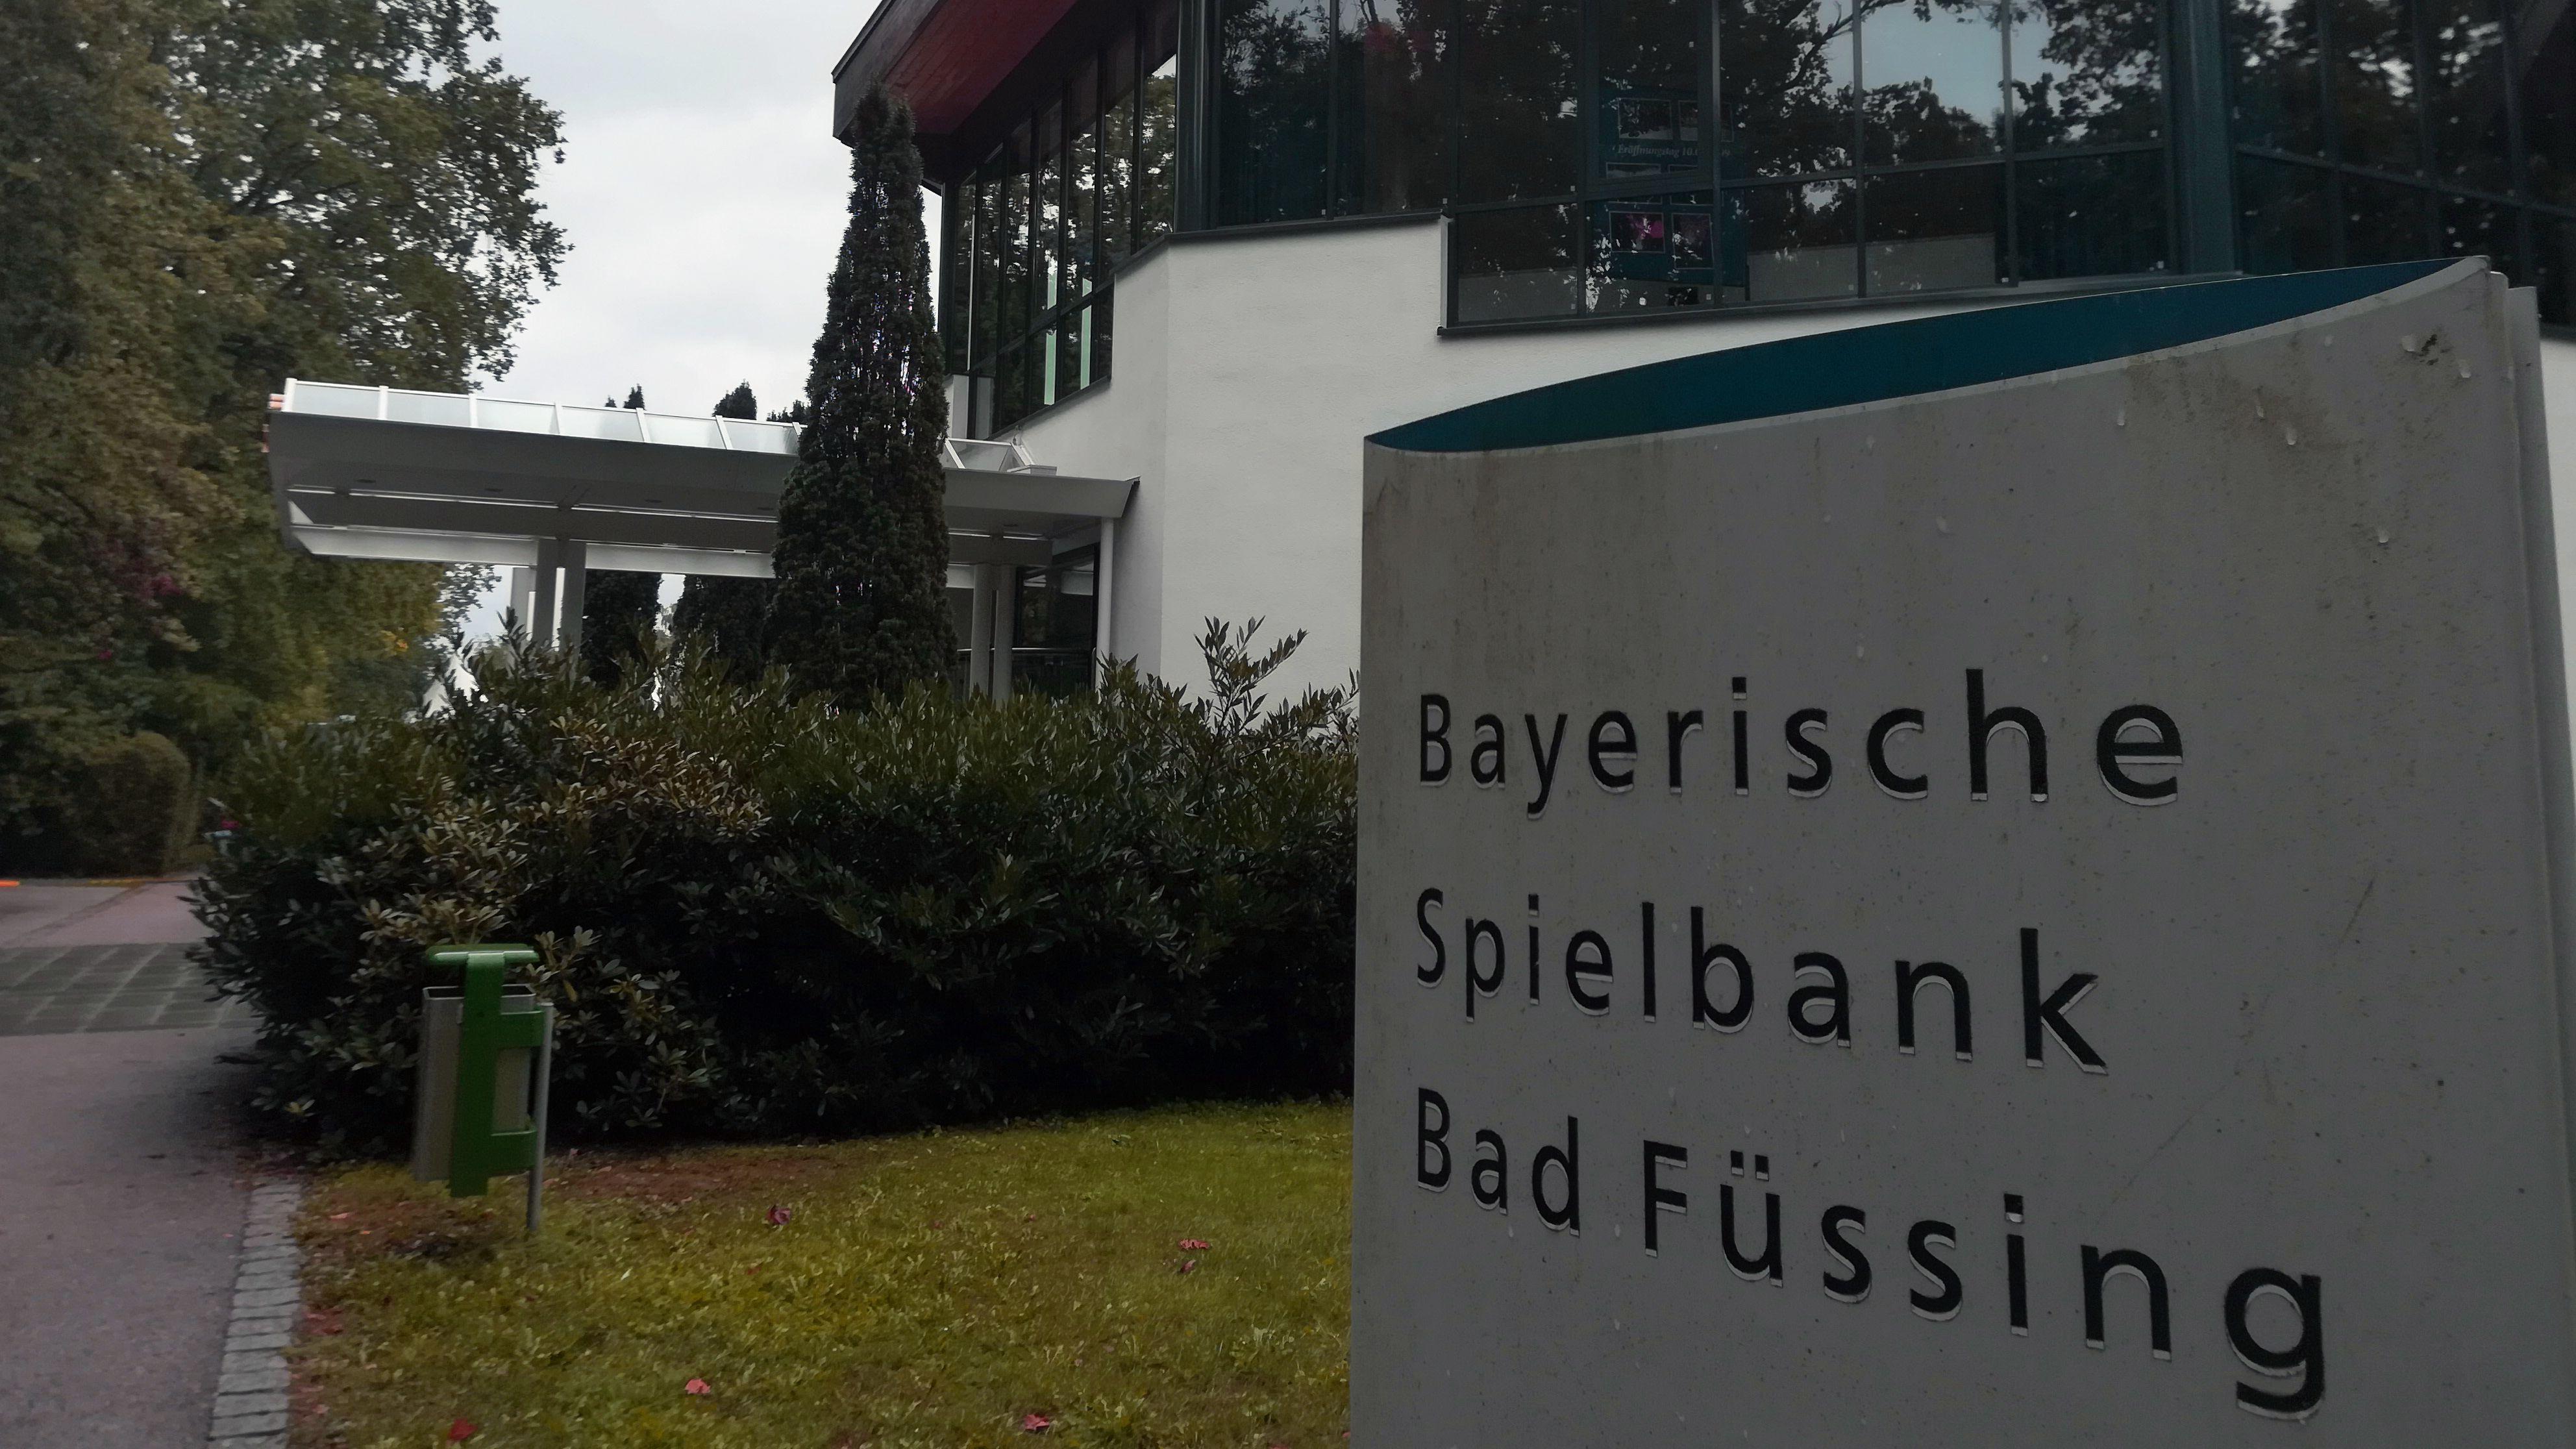 Vor 20 Jahren öffnete die Staatliche Spielbank in Bad Füssing ihre Pforten. Mittlerweile kommen 90.000 Besucher pro Jahr.